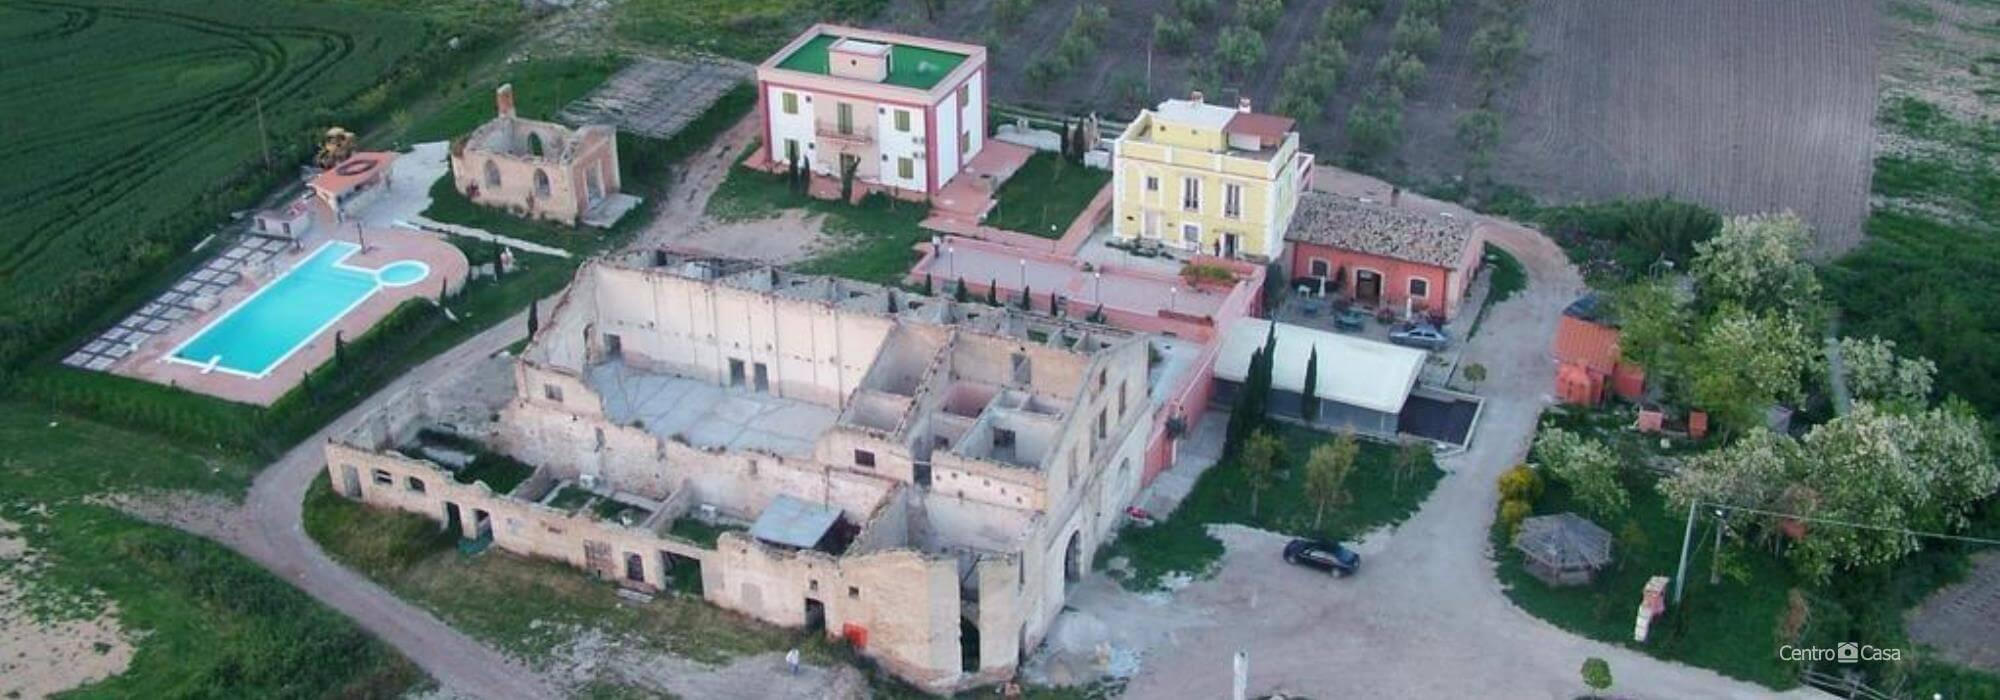 Masseria Sant' Agapito